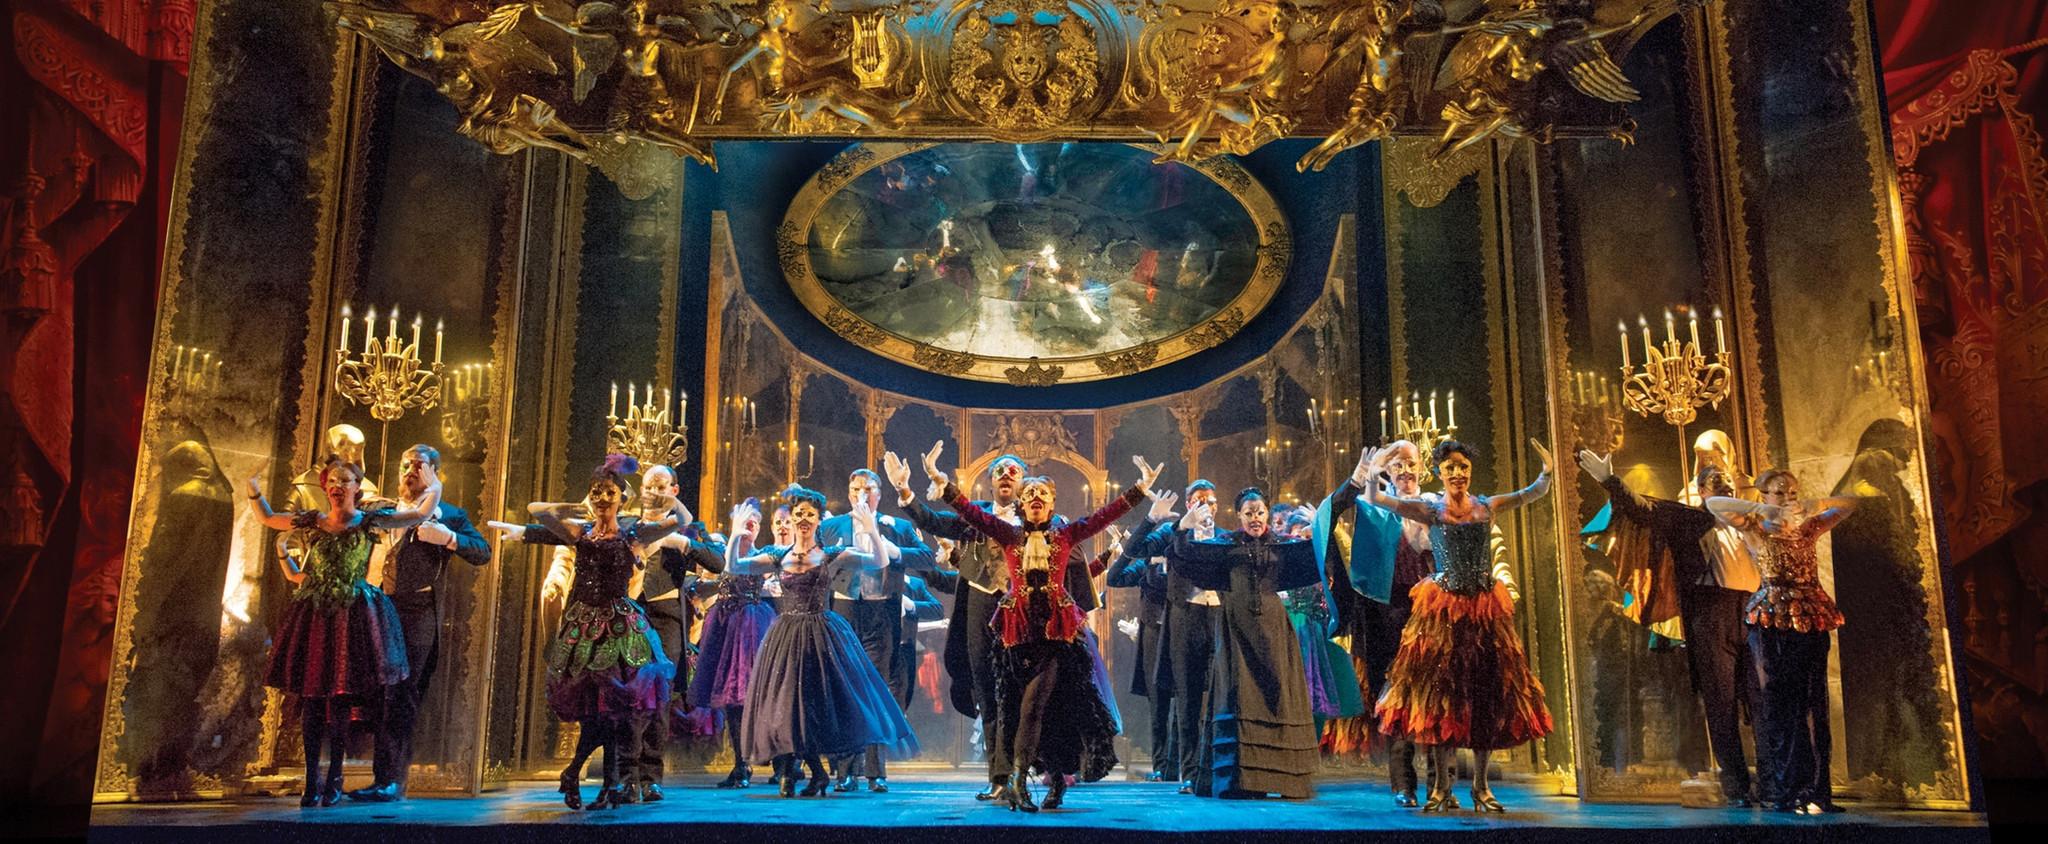 sf-west-palm-phantom-opera-review-20170327.jpg